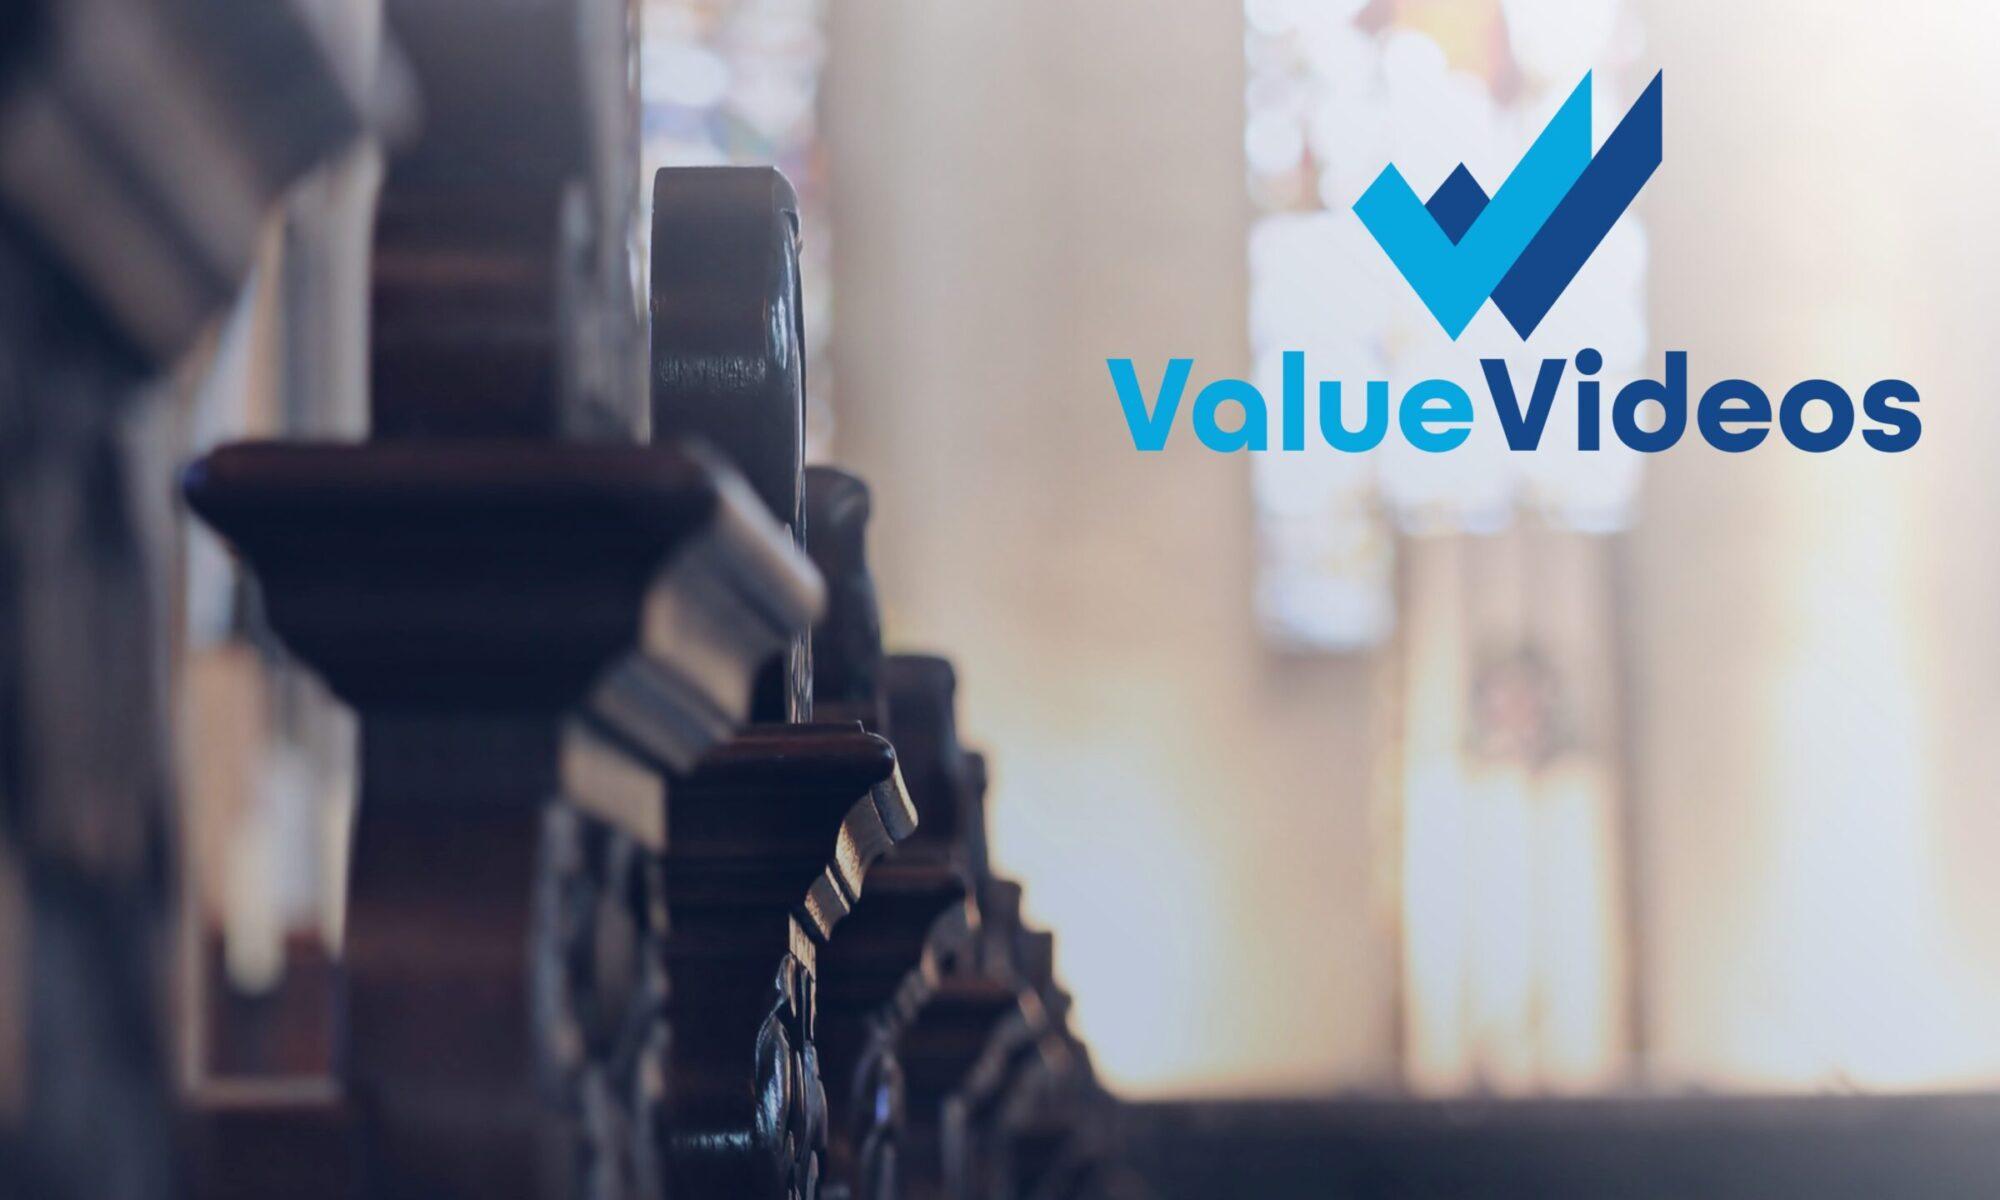 Value Videos